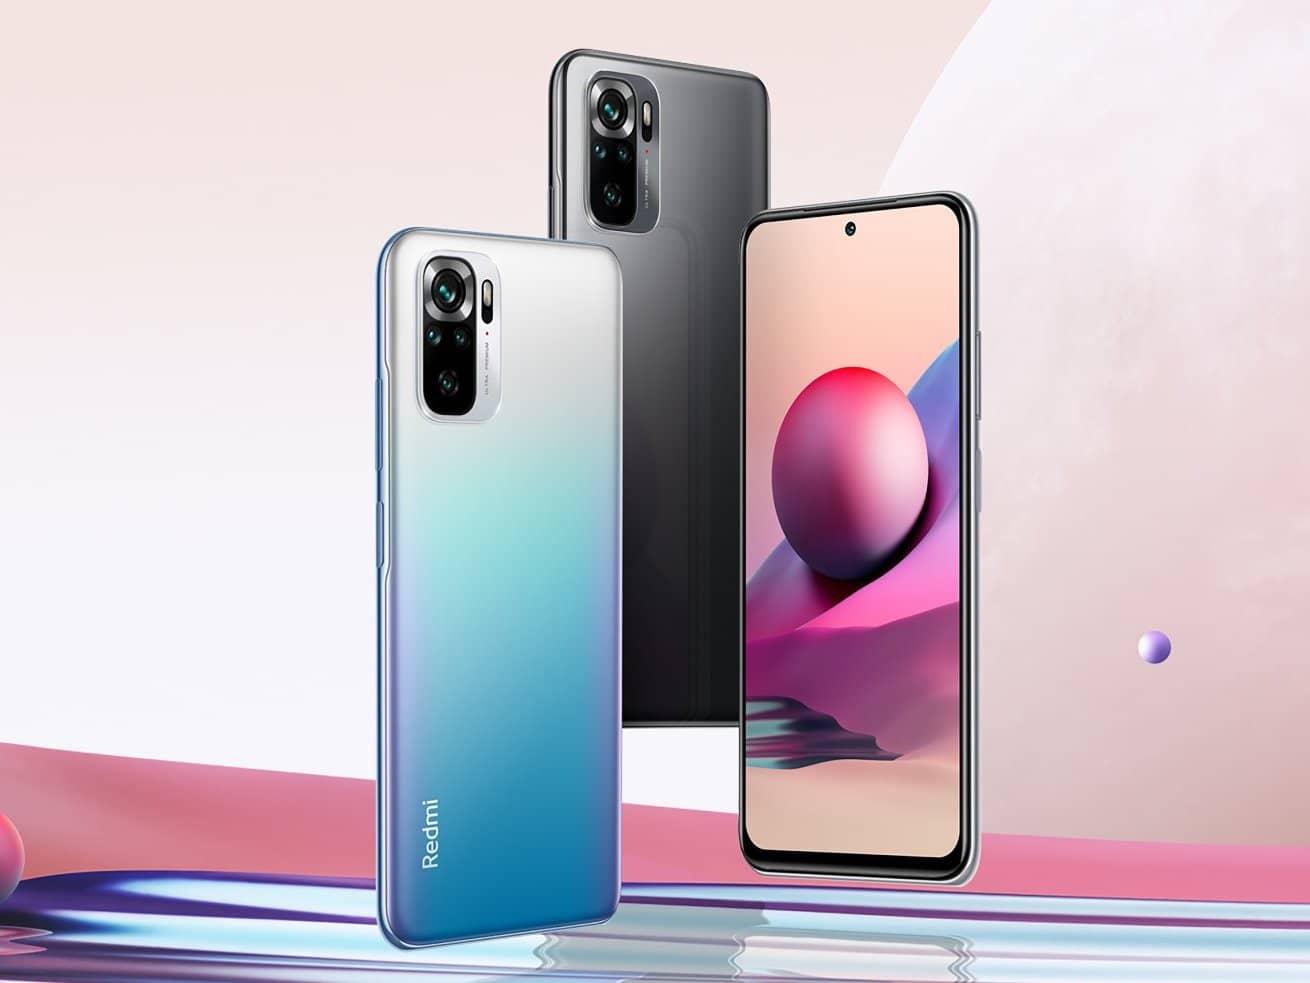 Названо потужний і бюджетний смартфон Xiaomi з швидкою зарядкою та екраном Amoled - ITech